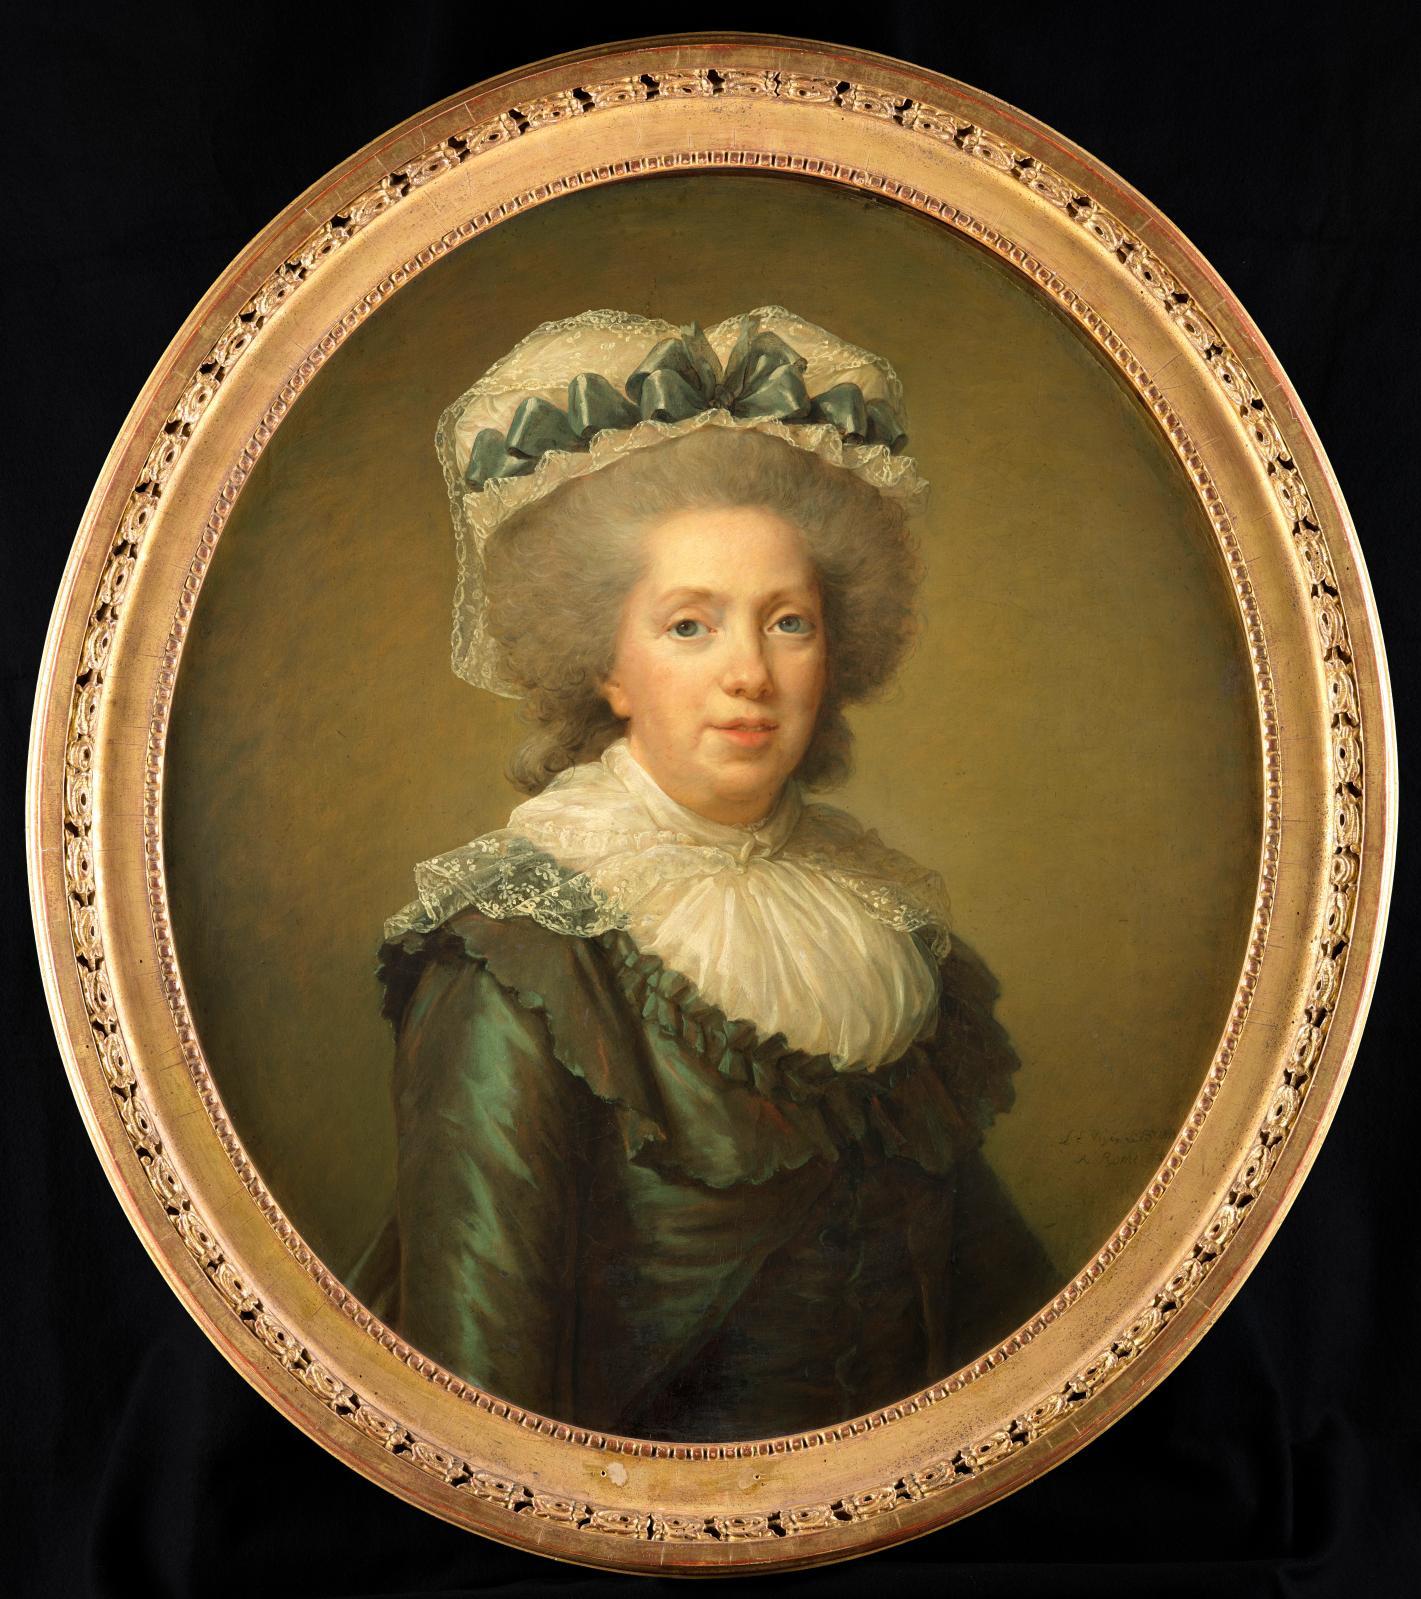 Élisabeth Vigée Le Brun, Portrait de Madame Adélaïde, 1792, huile sur toile, 59 x 72 cm.